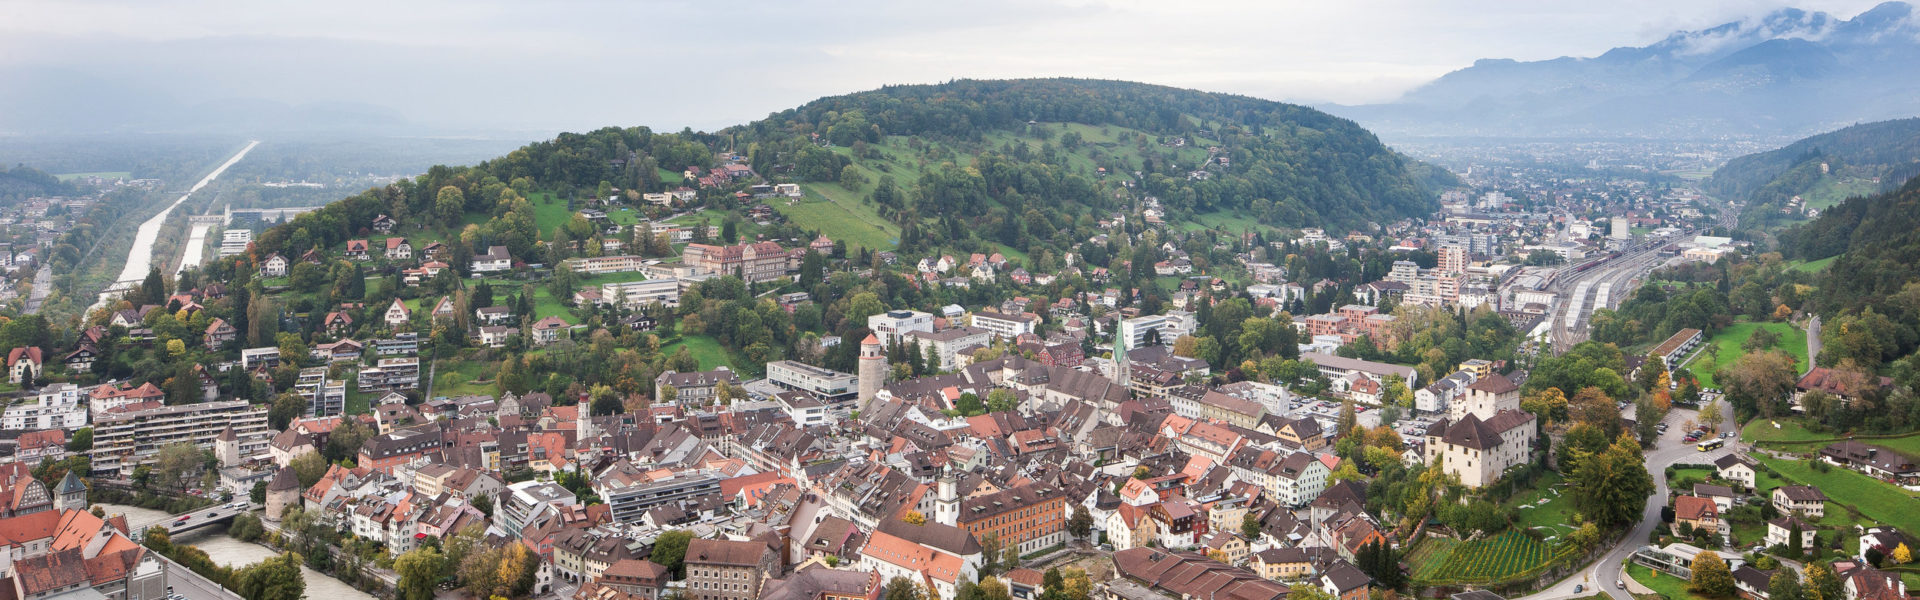 Feldkirch Stadtzentrum, 800 Jahre Feldkirch © Dietmar Walser / Vorarlberg Tourismus